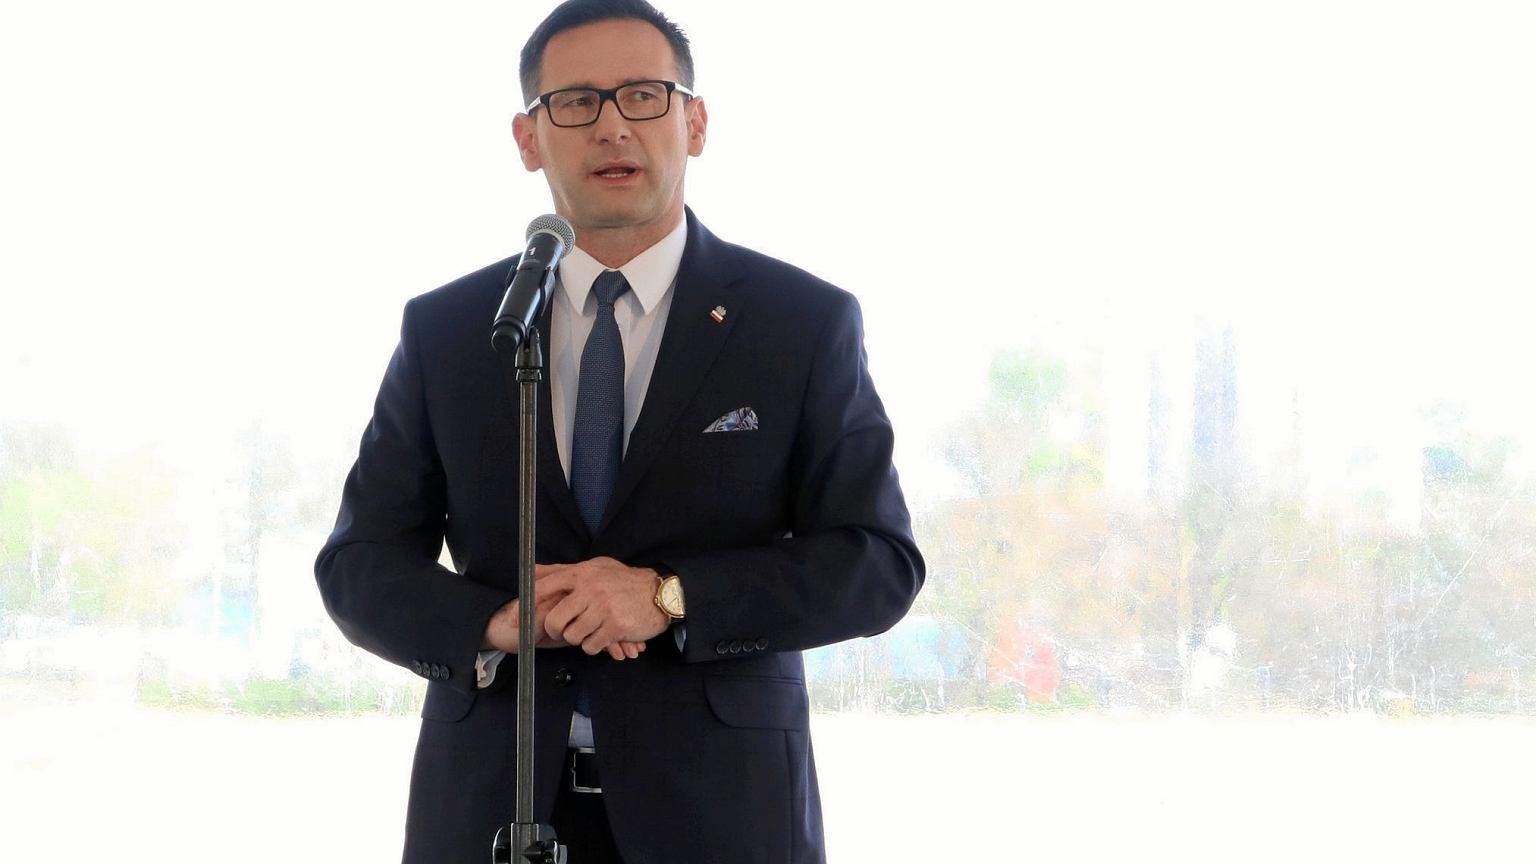 Daniel Obajtik lost in court with Gazeta Liborcza.  There will be no ban